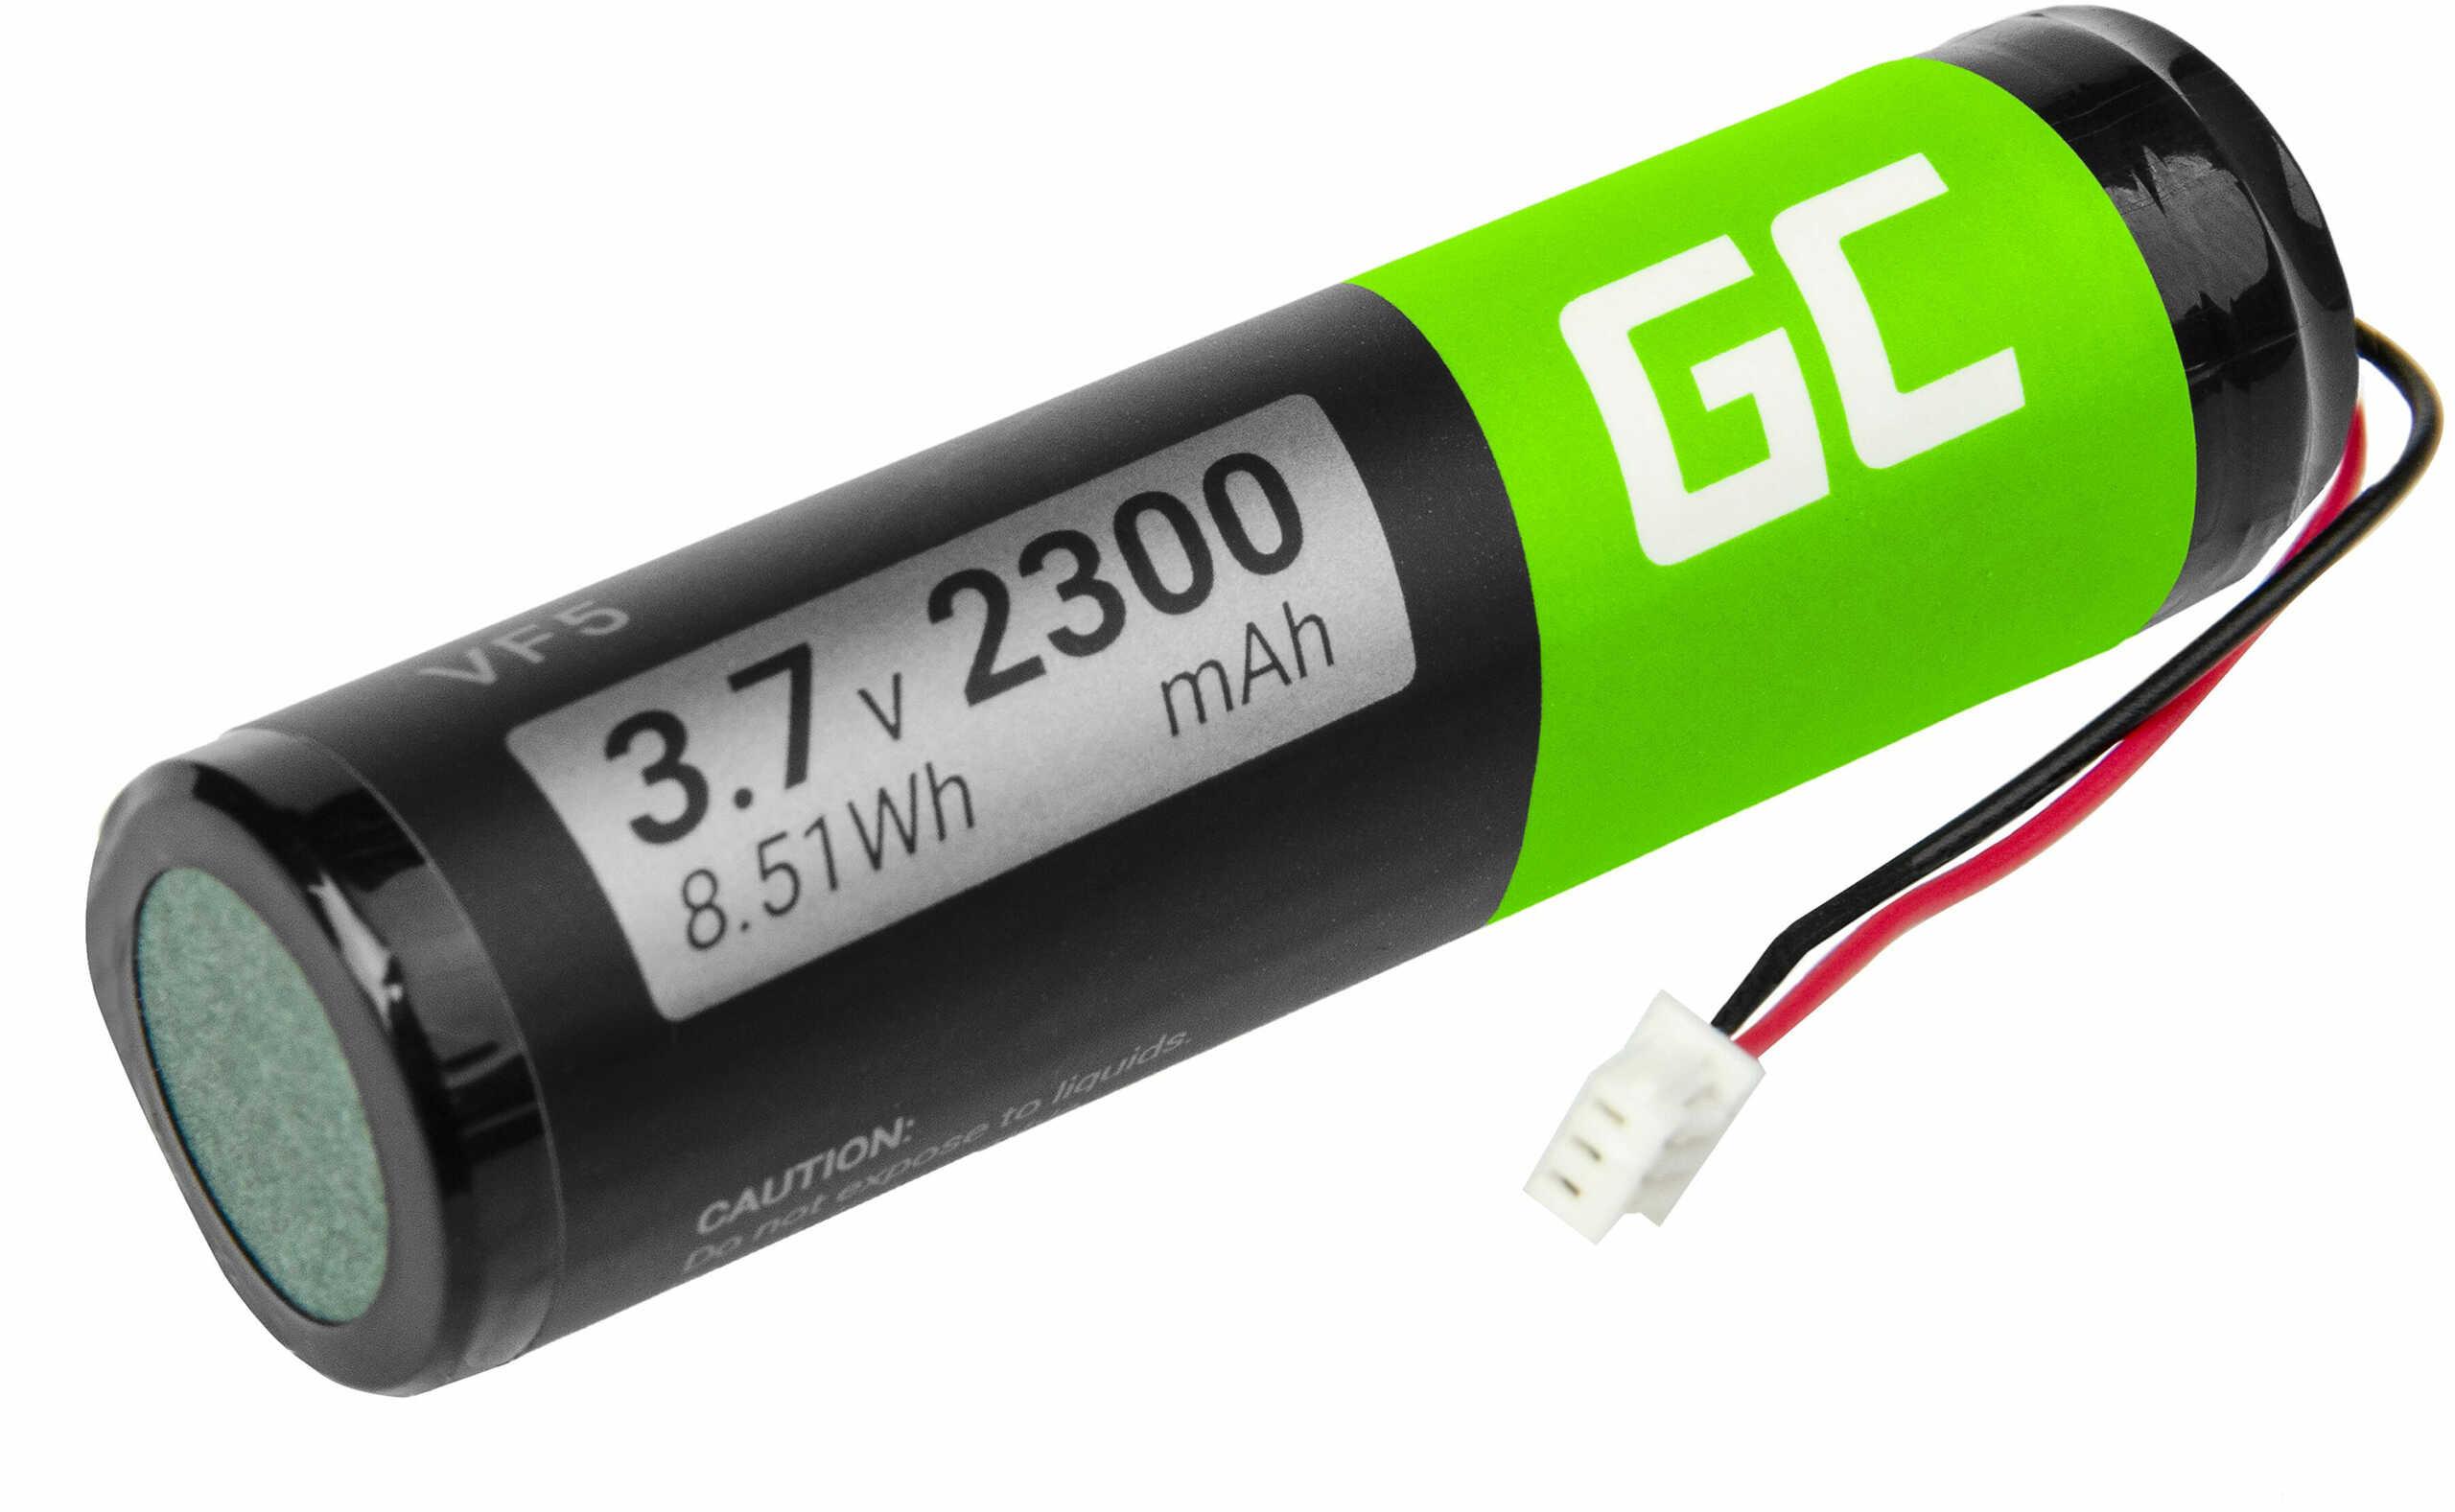 Bateria Green Cell VF5 do GPS TomTom Go 300 400 4D00.001 500 510 510T 530 530T 700 700T 710 910, Li-Ion 2300mAh 3.7V